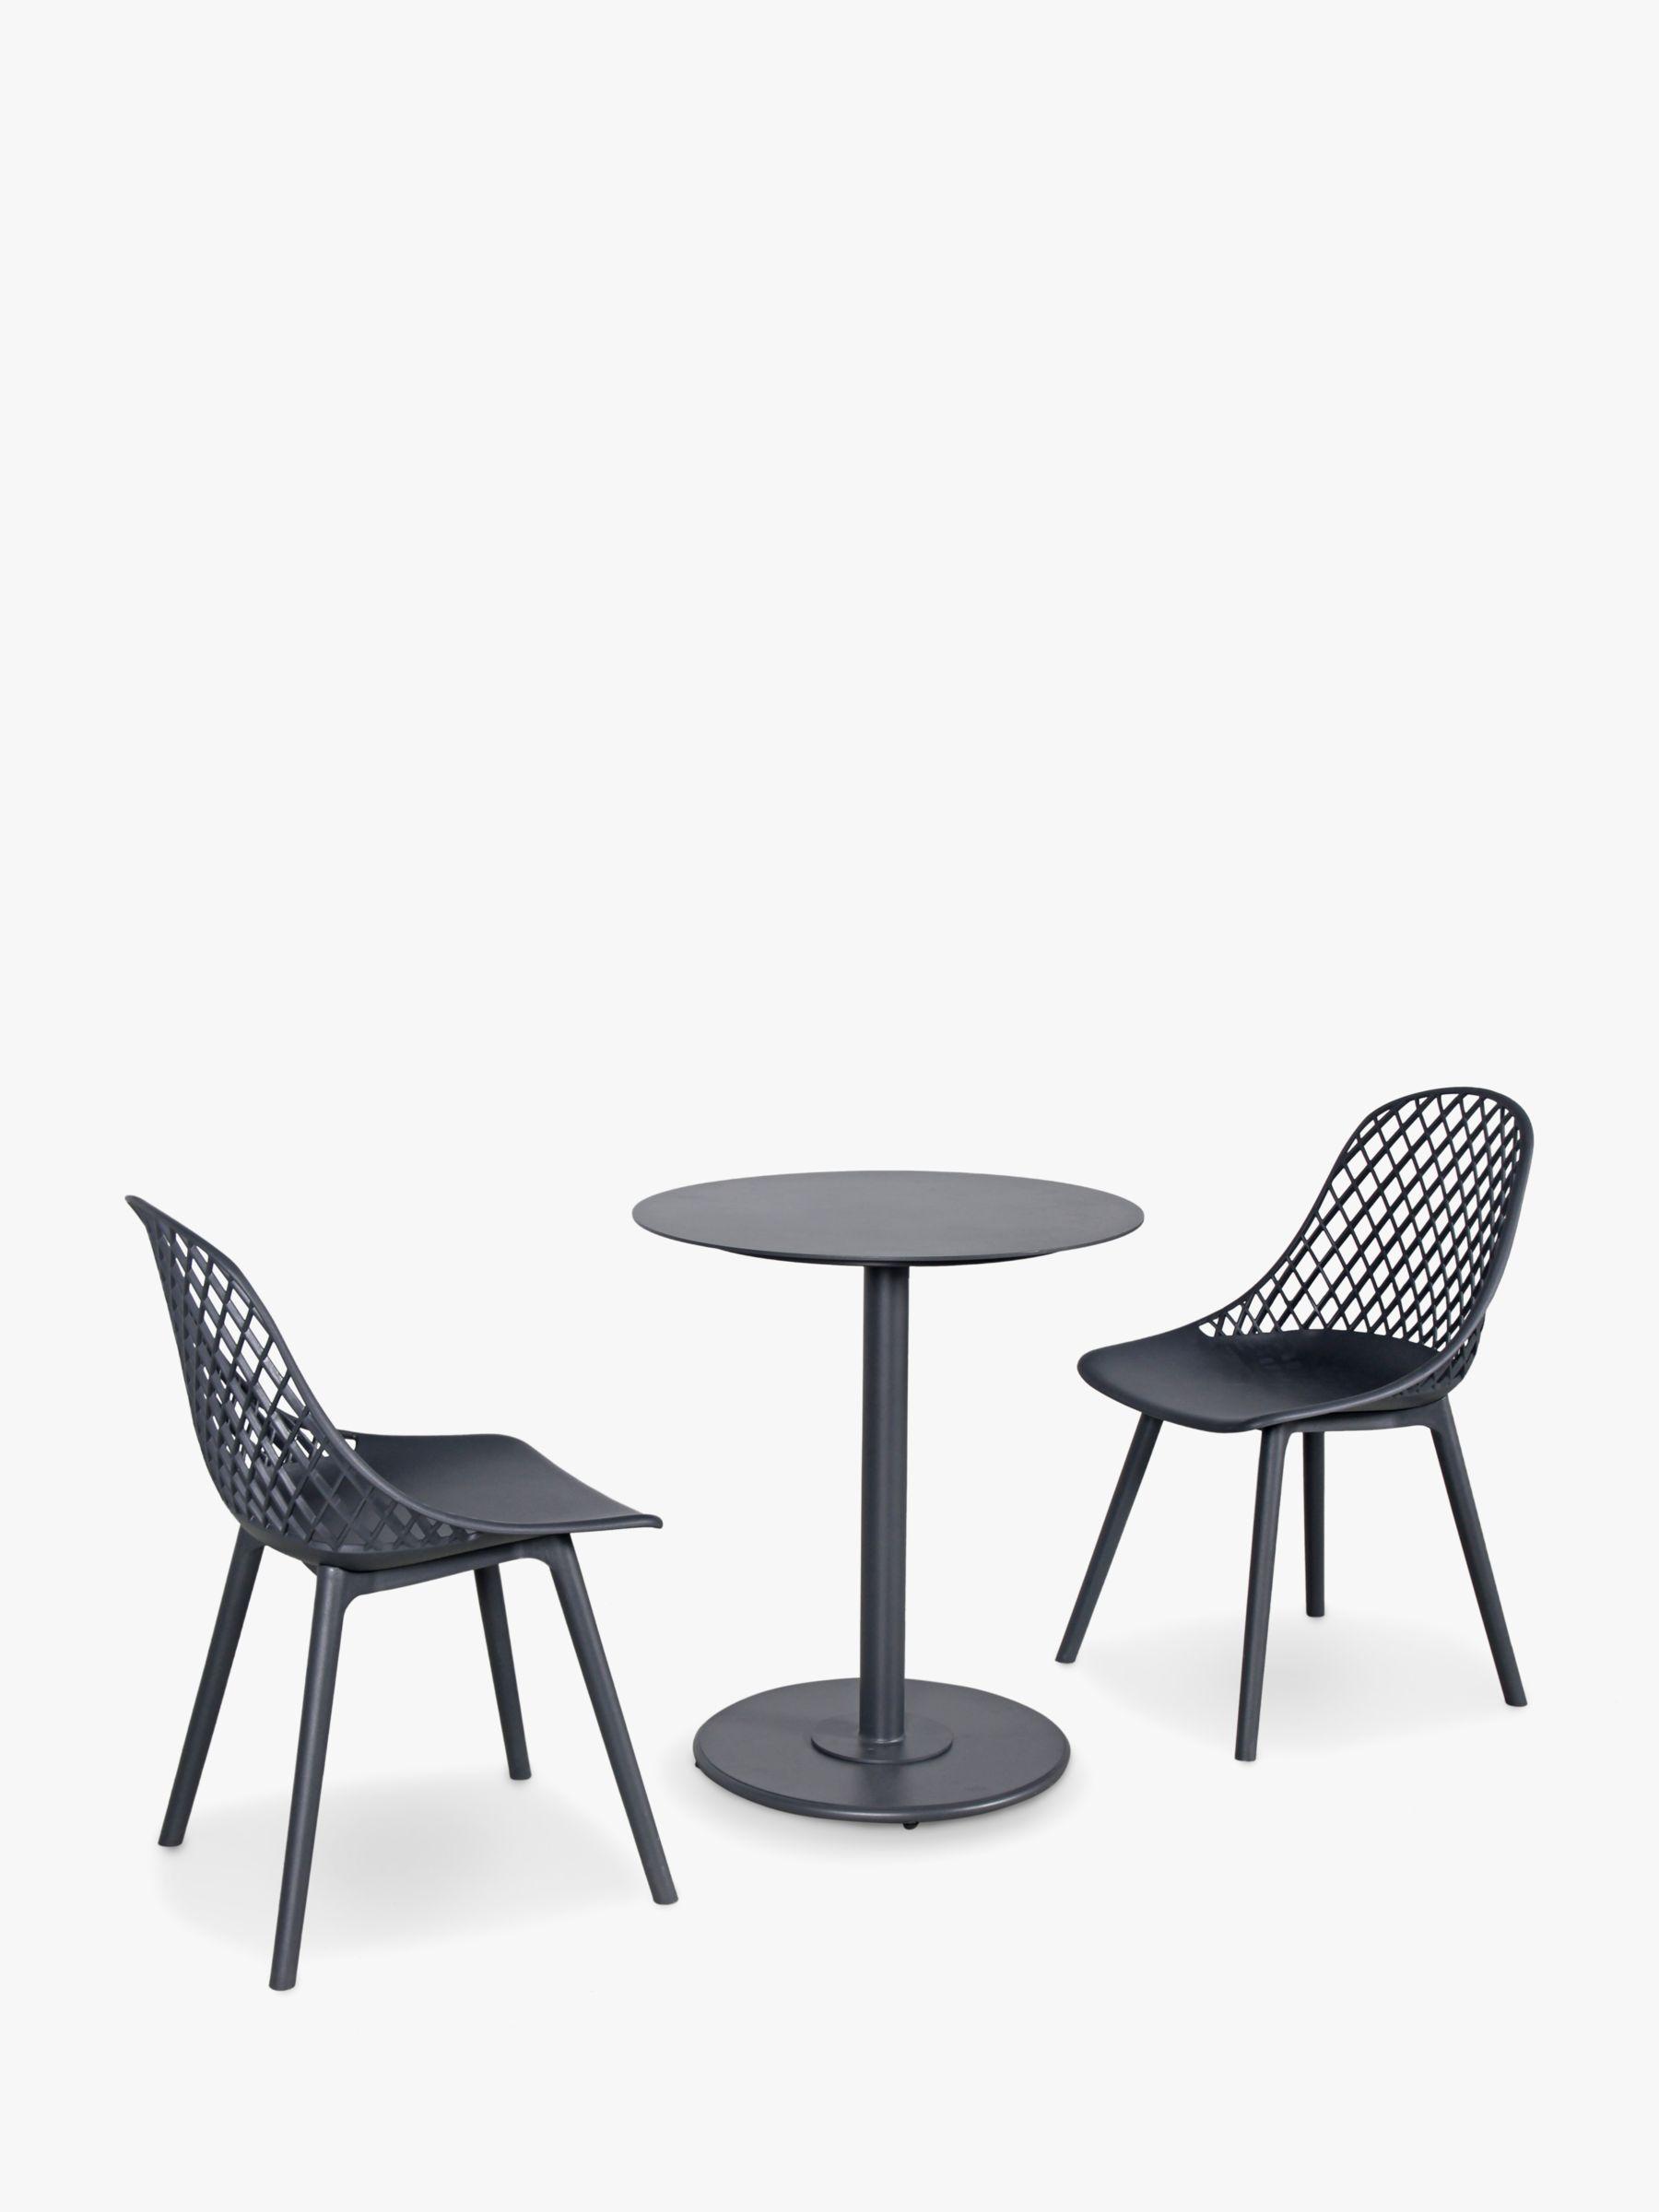 KETTLER Café Milano 2-Seater Garden Bistro Table & Chairs Set, Grey